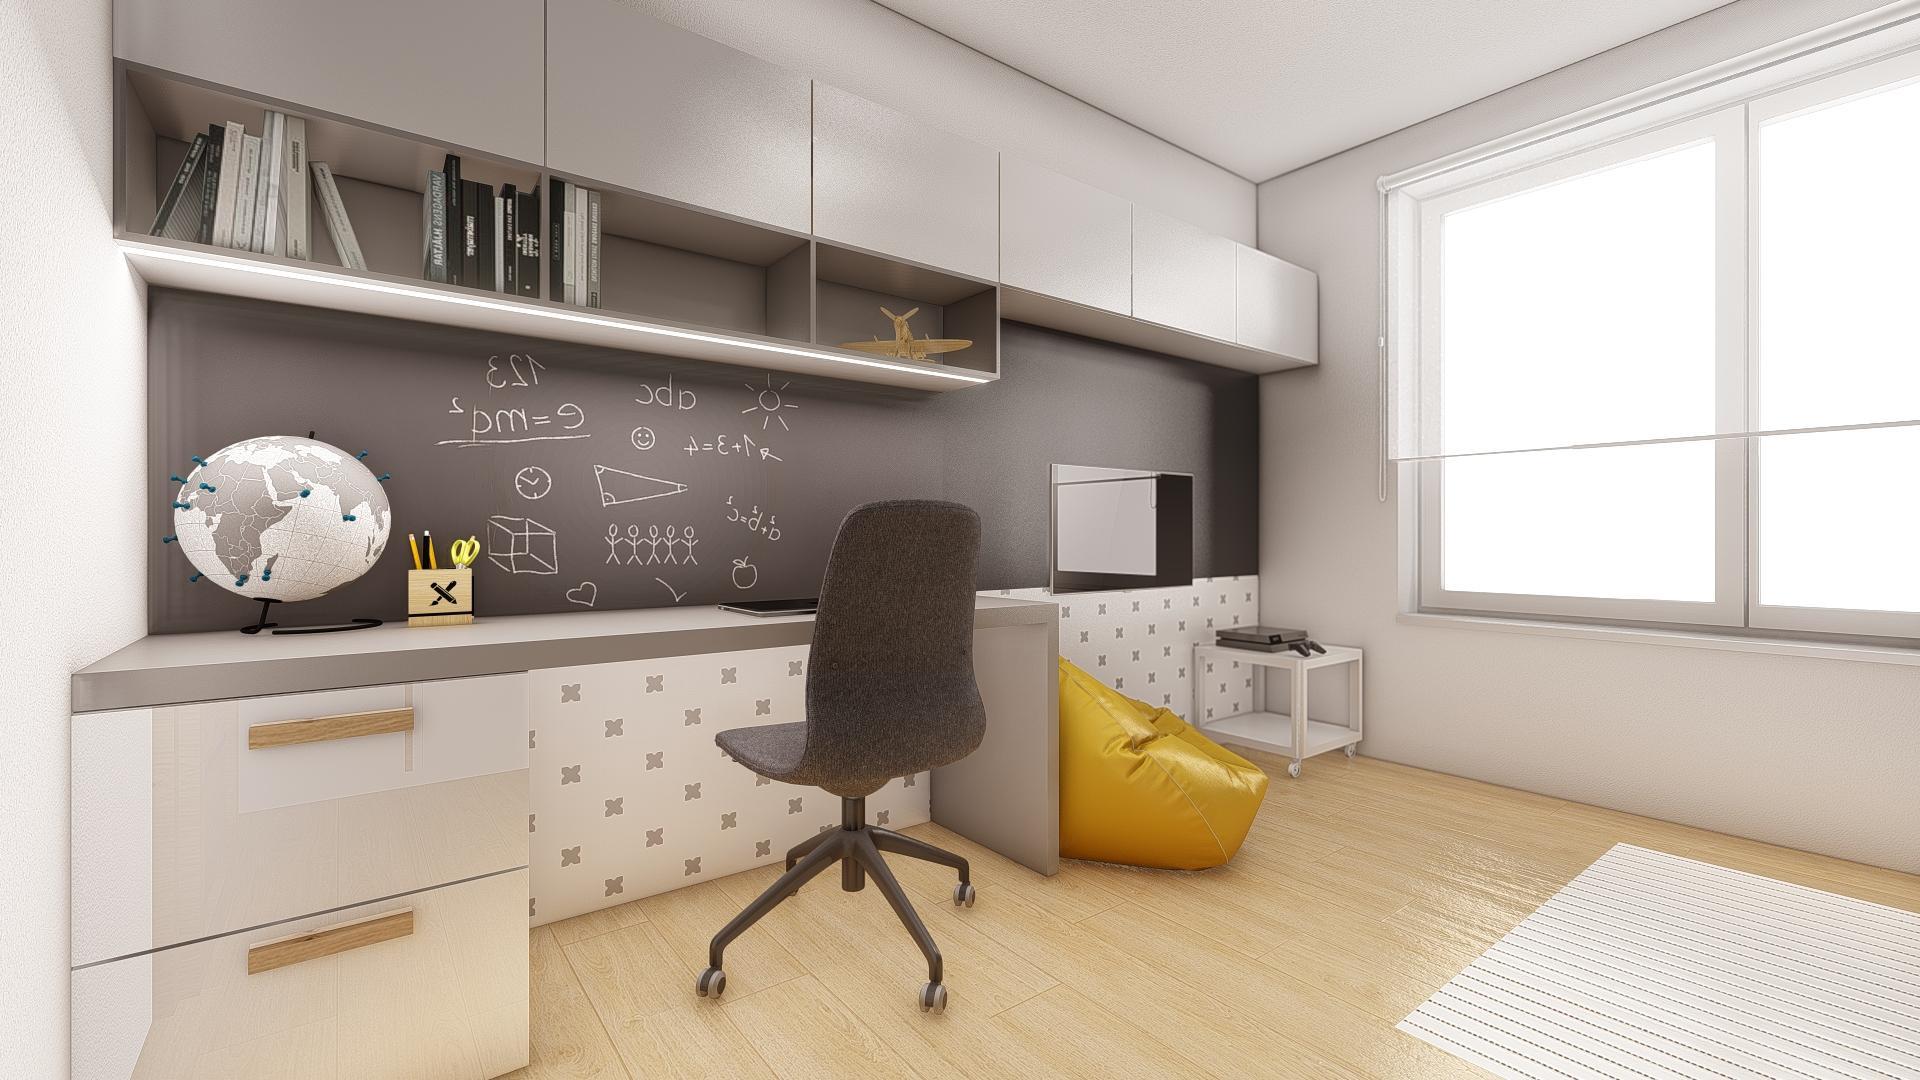 Návrh a 3D vizualizácia detskej izby, pre 11 ročného chlapca.  V izbe sa už nachádzala pôvodná šatníková skriňa, ktorú sme oživili drevenými úchytkami. ;-)   Potrebujte aj Vy pomôcť pri zariaďovaní? Kontaktuje nás a my pre Vás ZDARMA pripravíme nezáväznú cenovú ponuku. - Obrázok č. 1